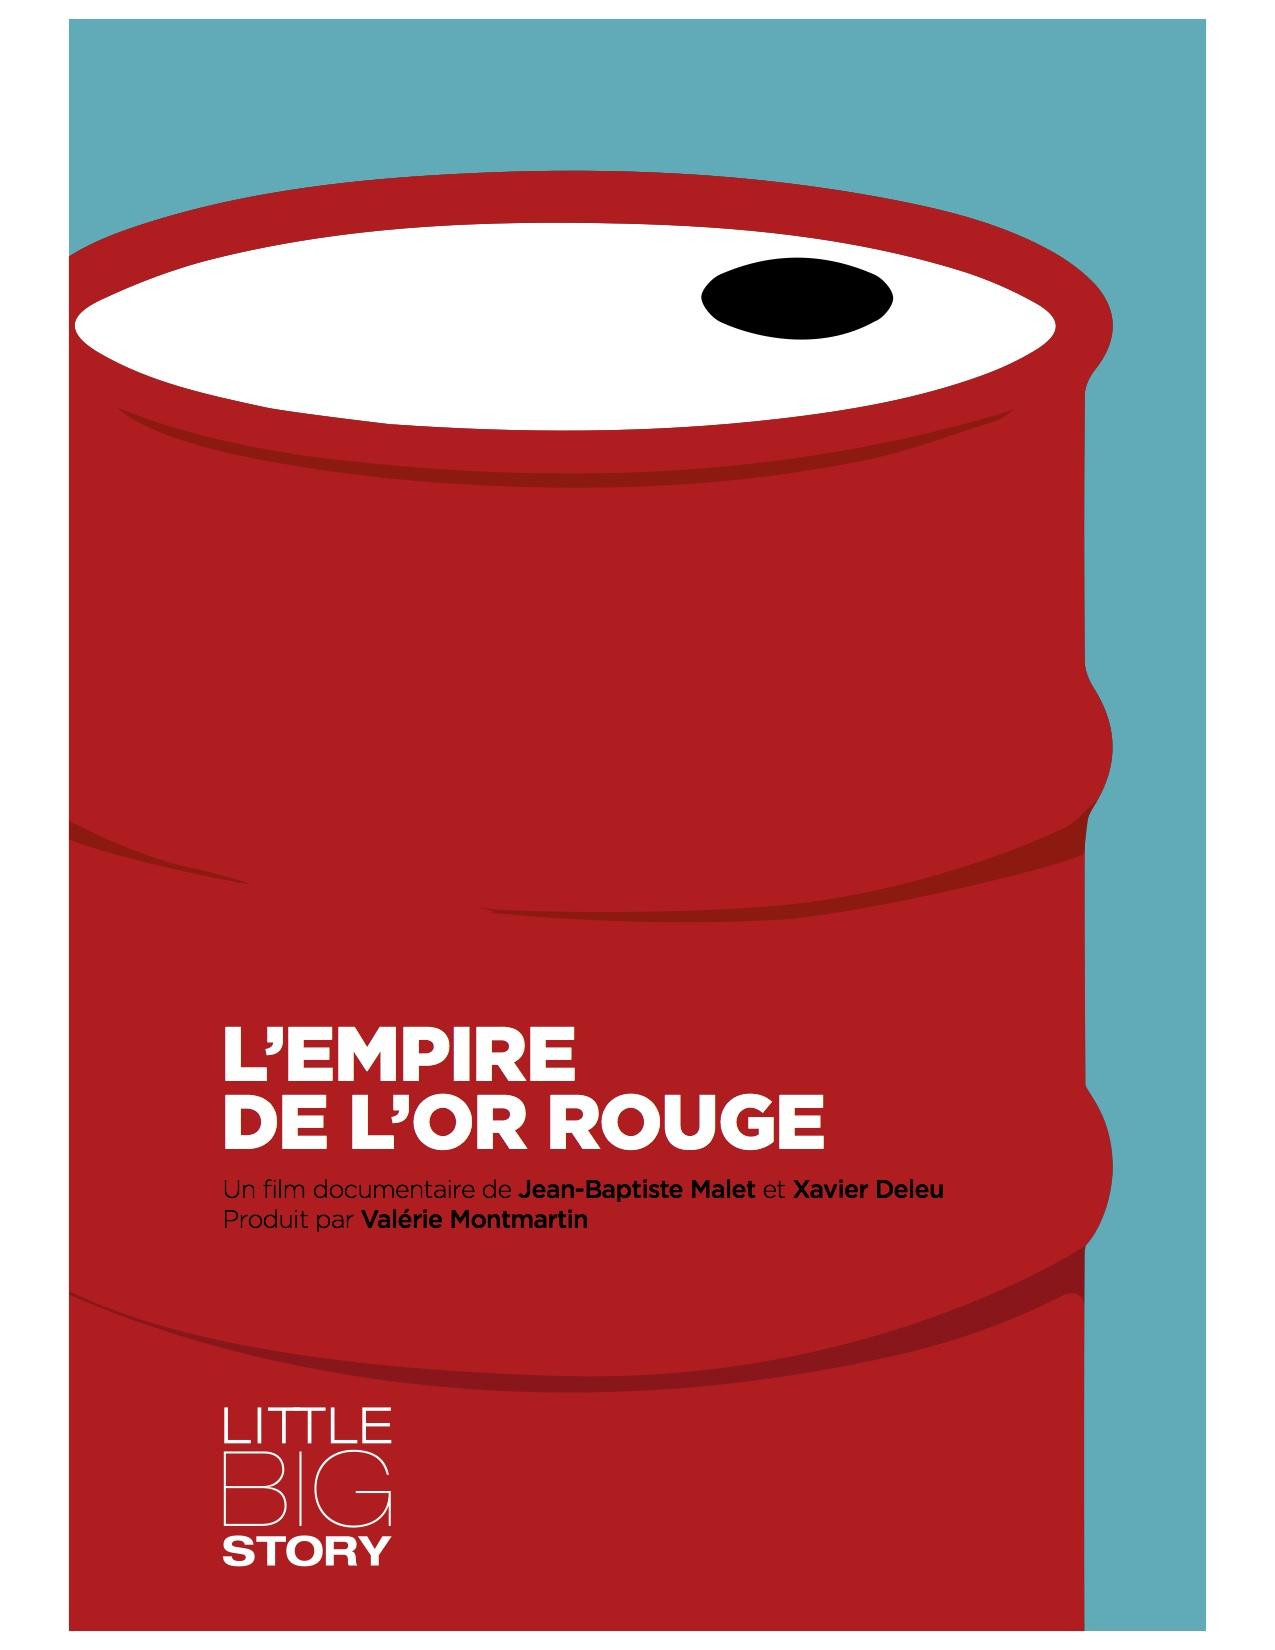 L'EMPIRE DE L'OR ROUGE